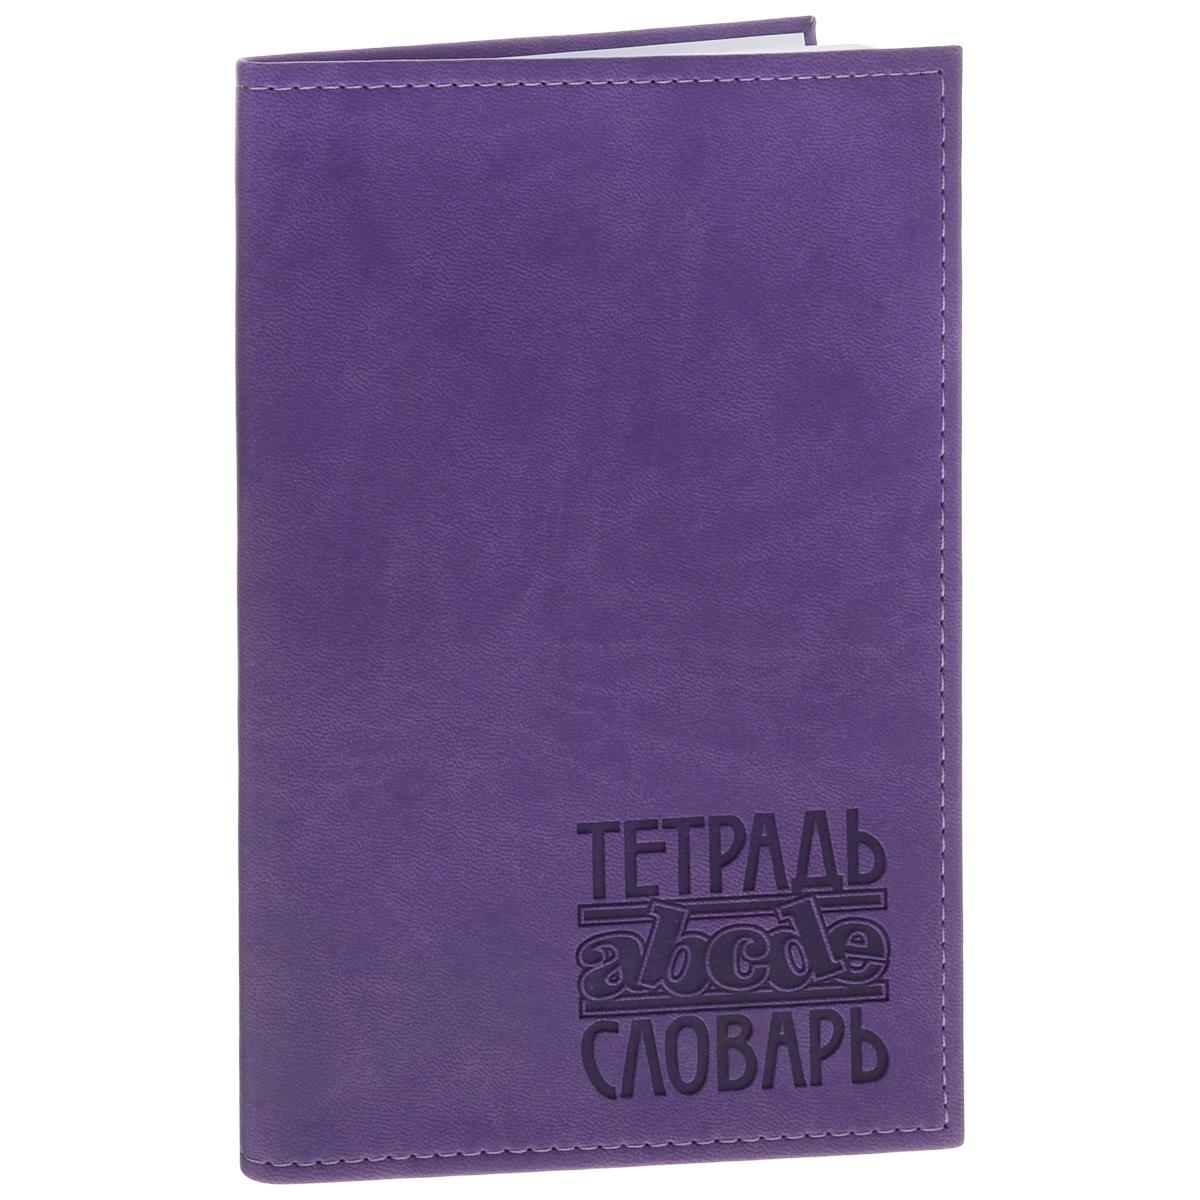 """Тетрадь-словарь """"Вивелла"""", цвет: фиолетовый, 48 листов. тс-111, Триумф"""